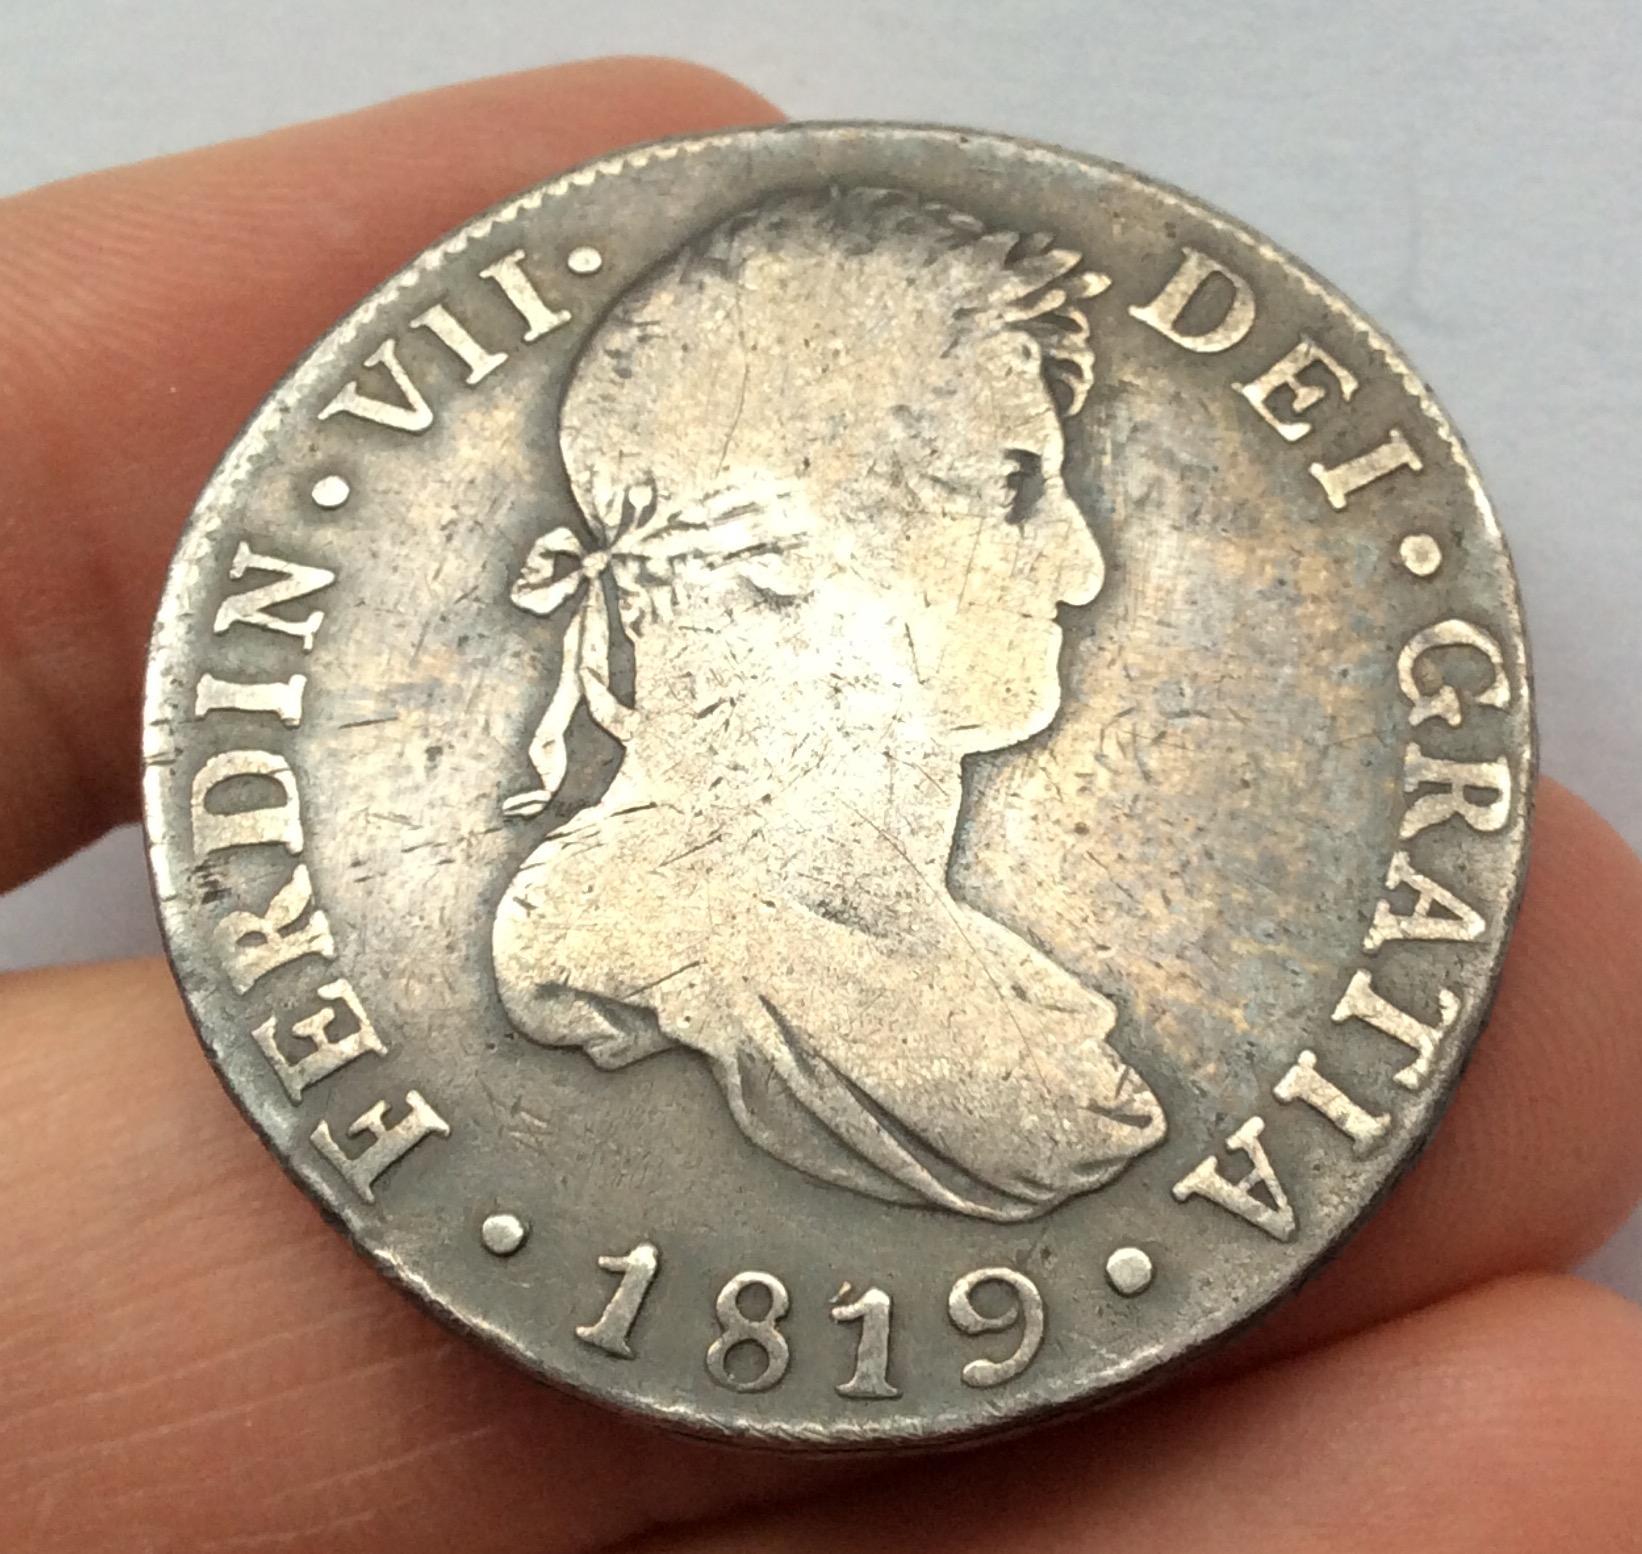 8 REALES 1819 - NUEVA GUATEMALA - FERNANDO VII